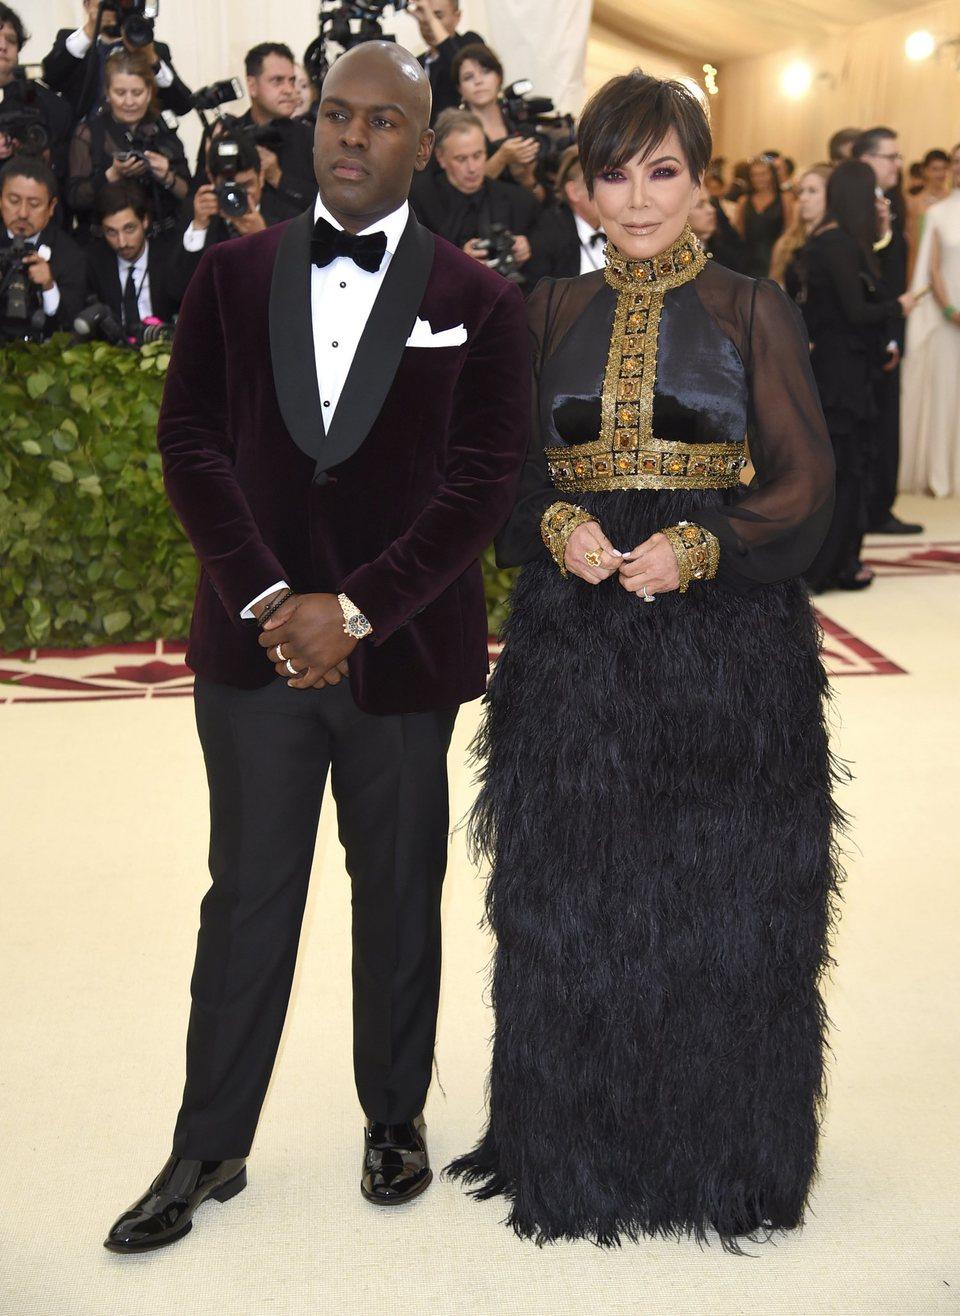 Kris Jenner and Corey Gamble at the Met Gala 2018